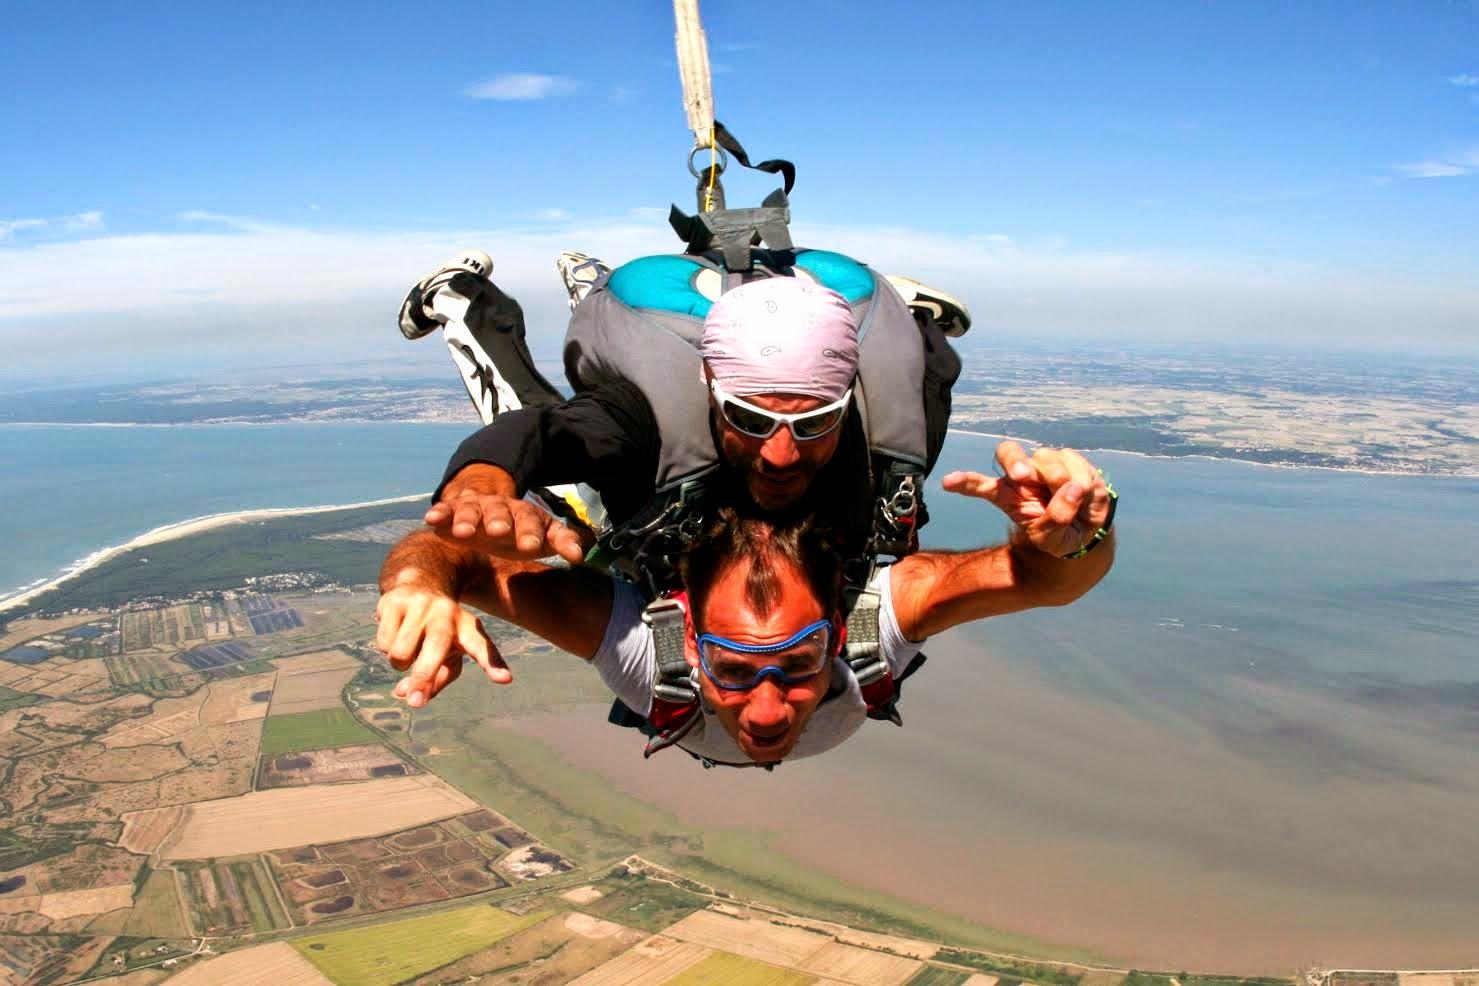 Saut en parachute bordeaux soulac saut en parachute - Saut en parachute bretagne pas cher ...